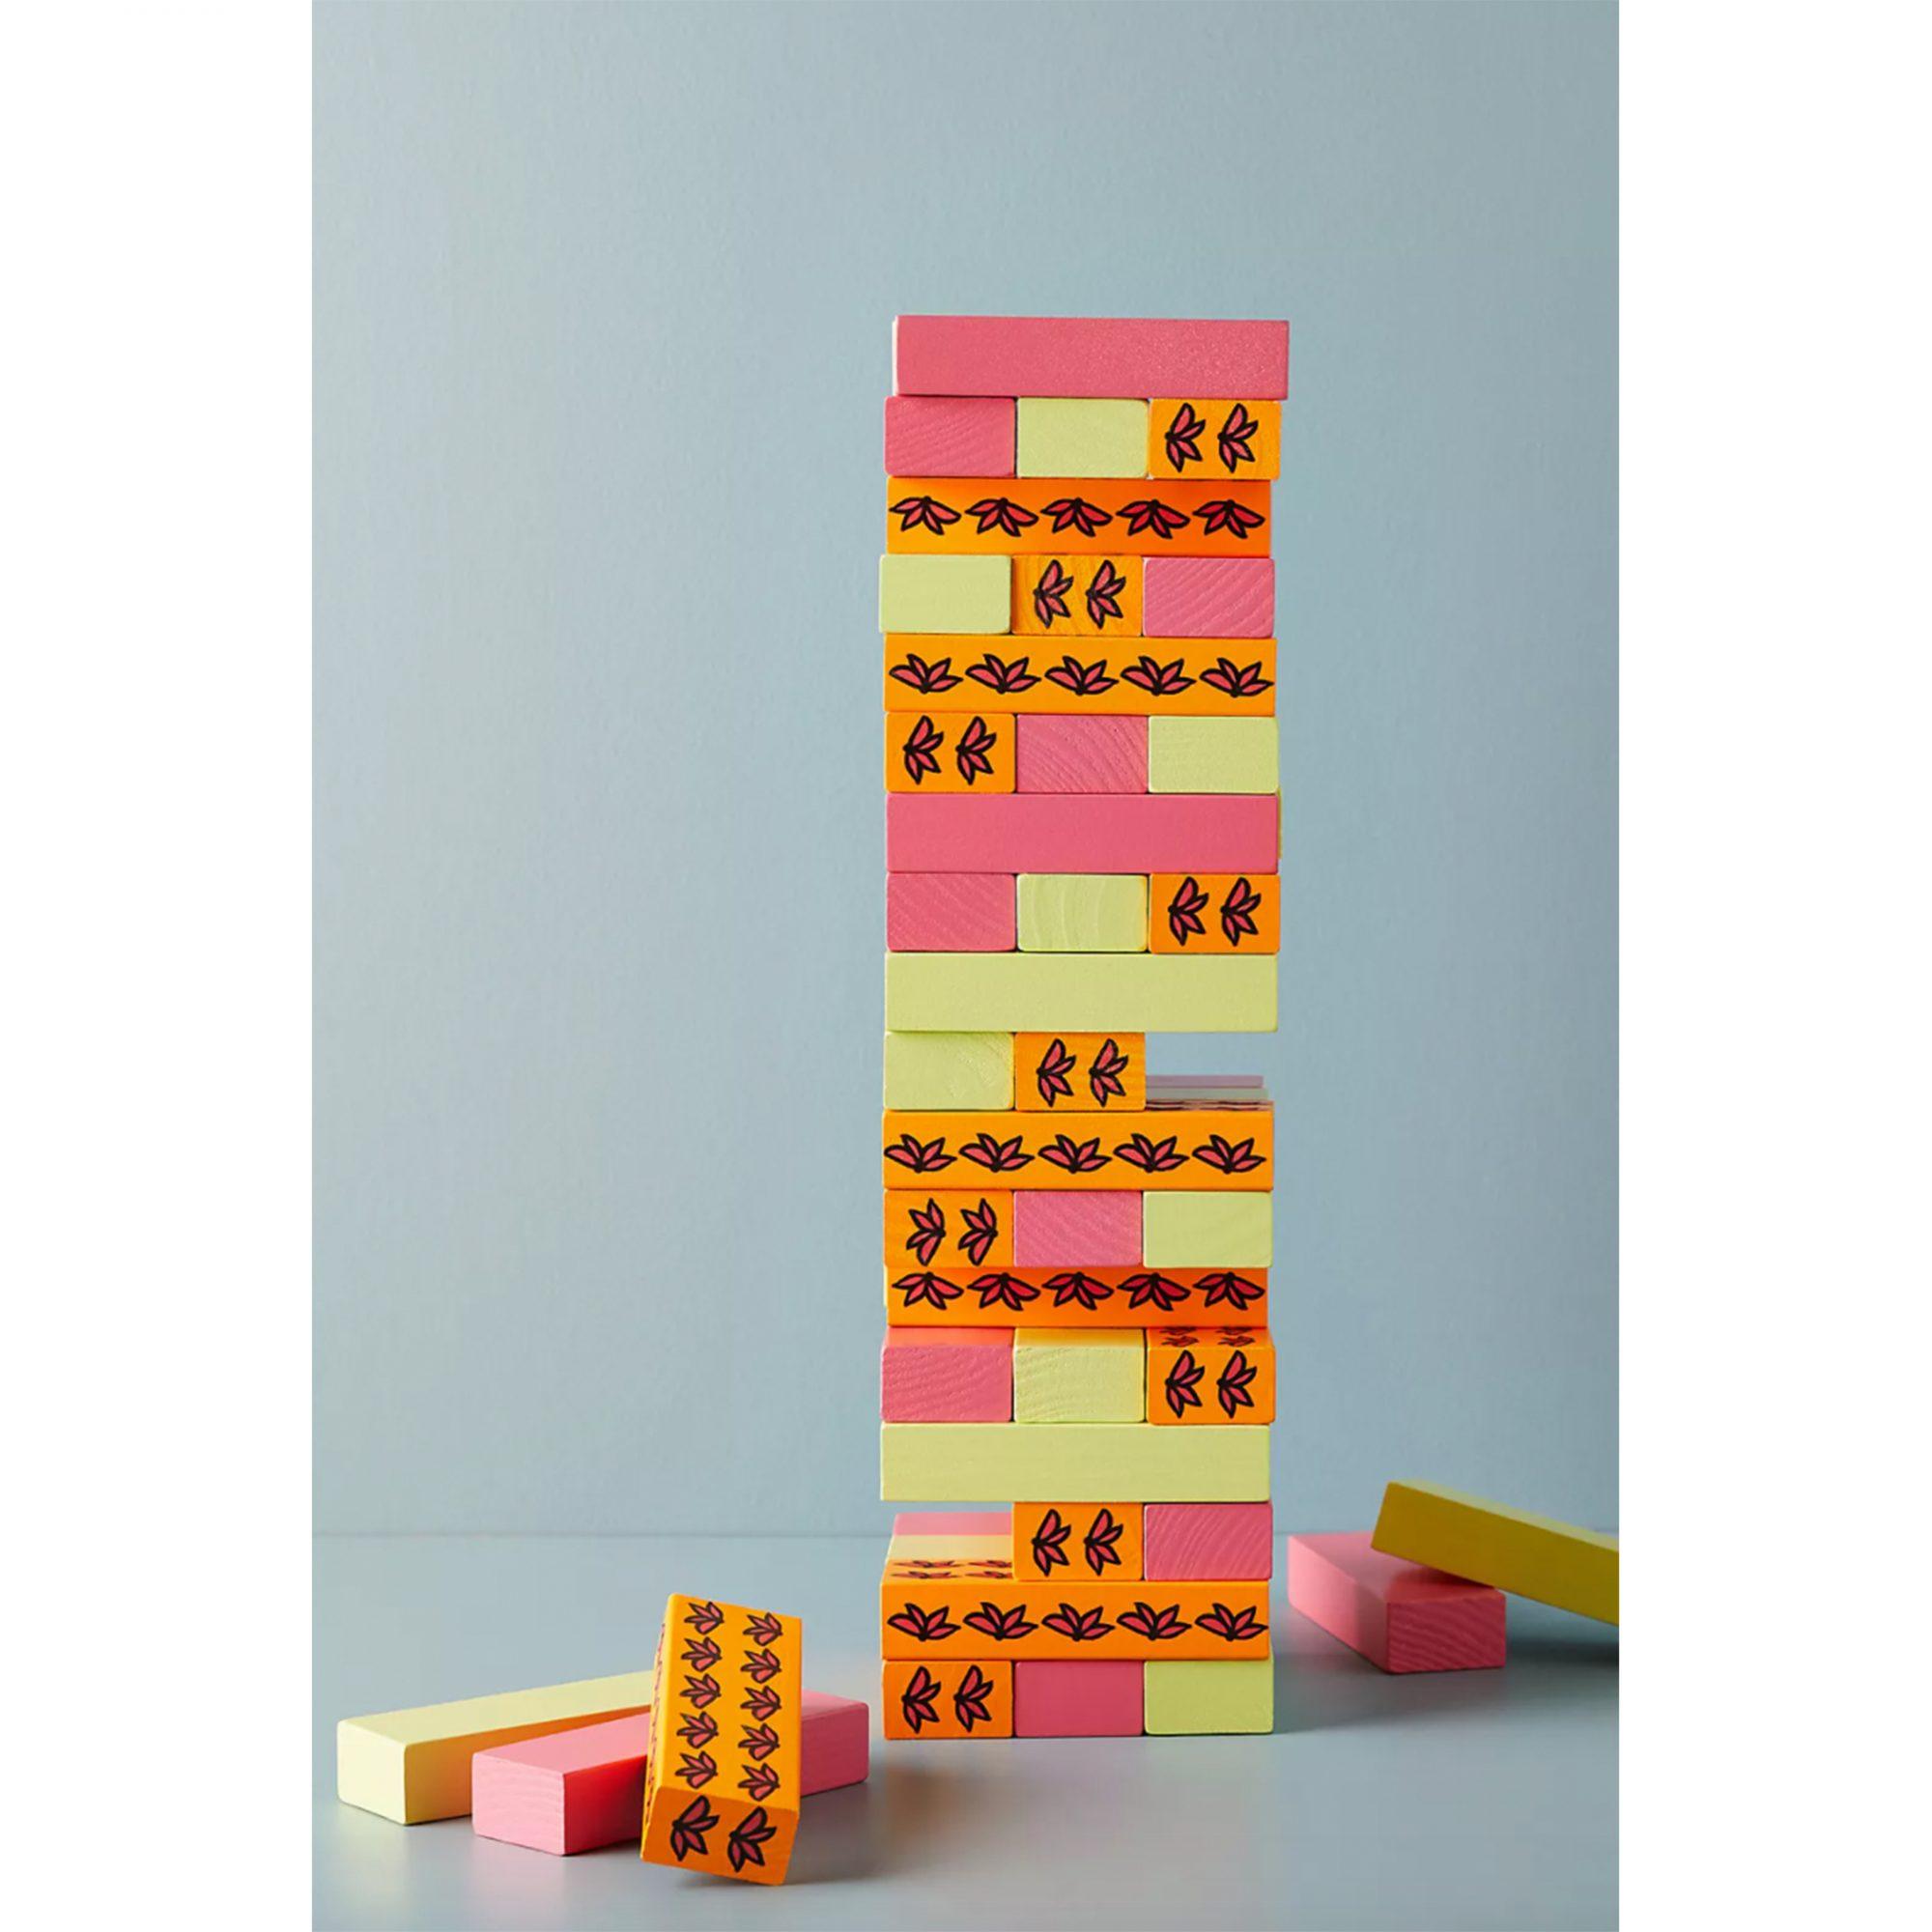 tumbling-blocks